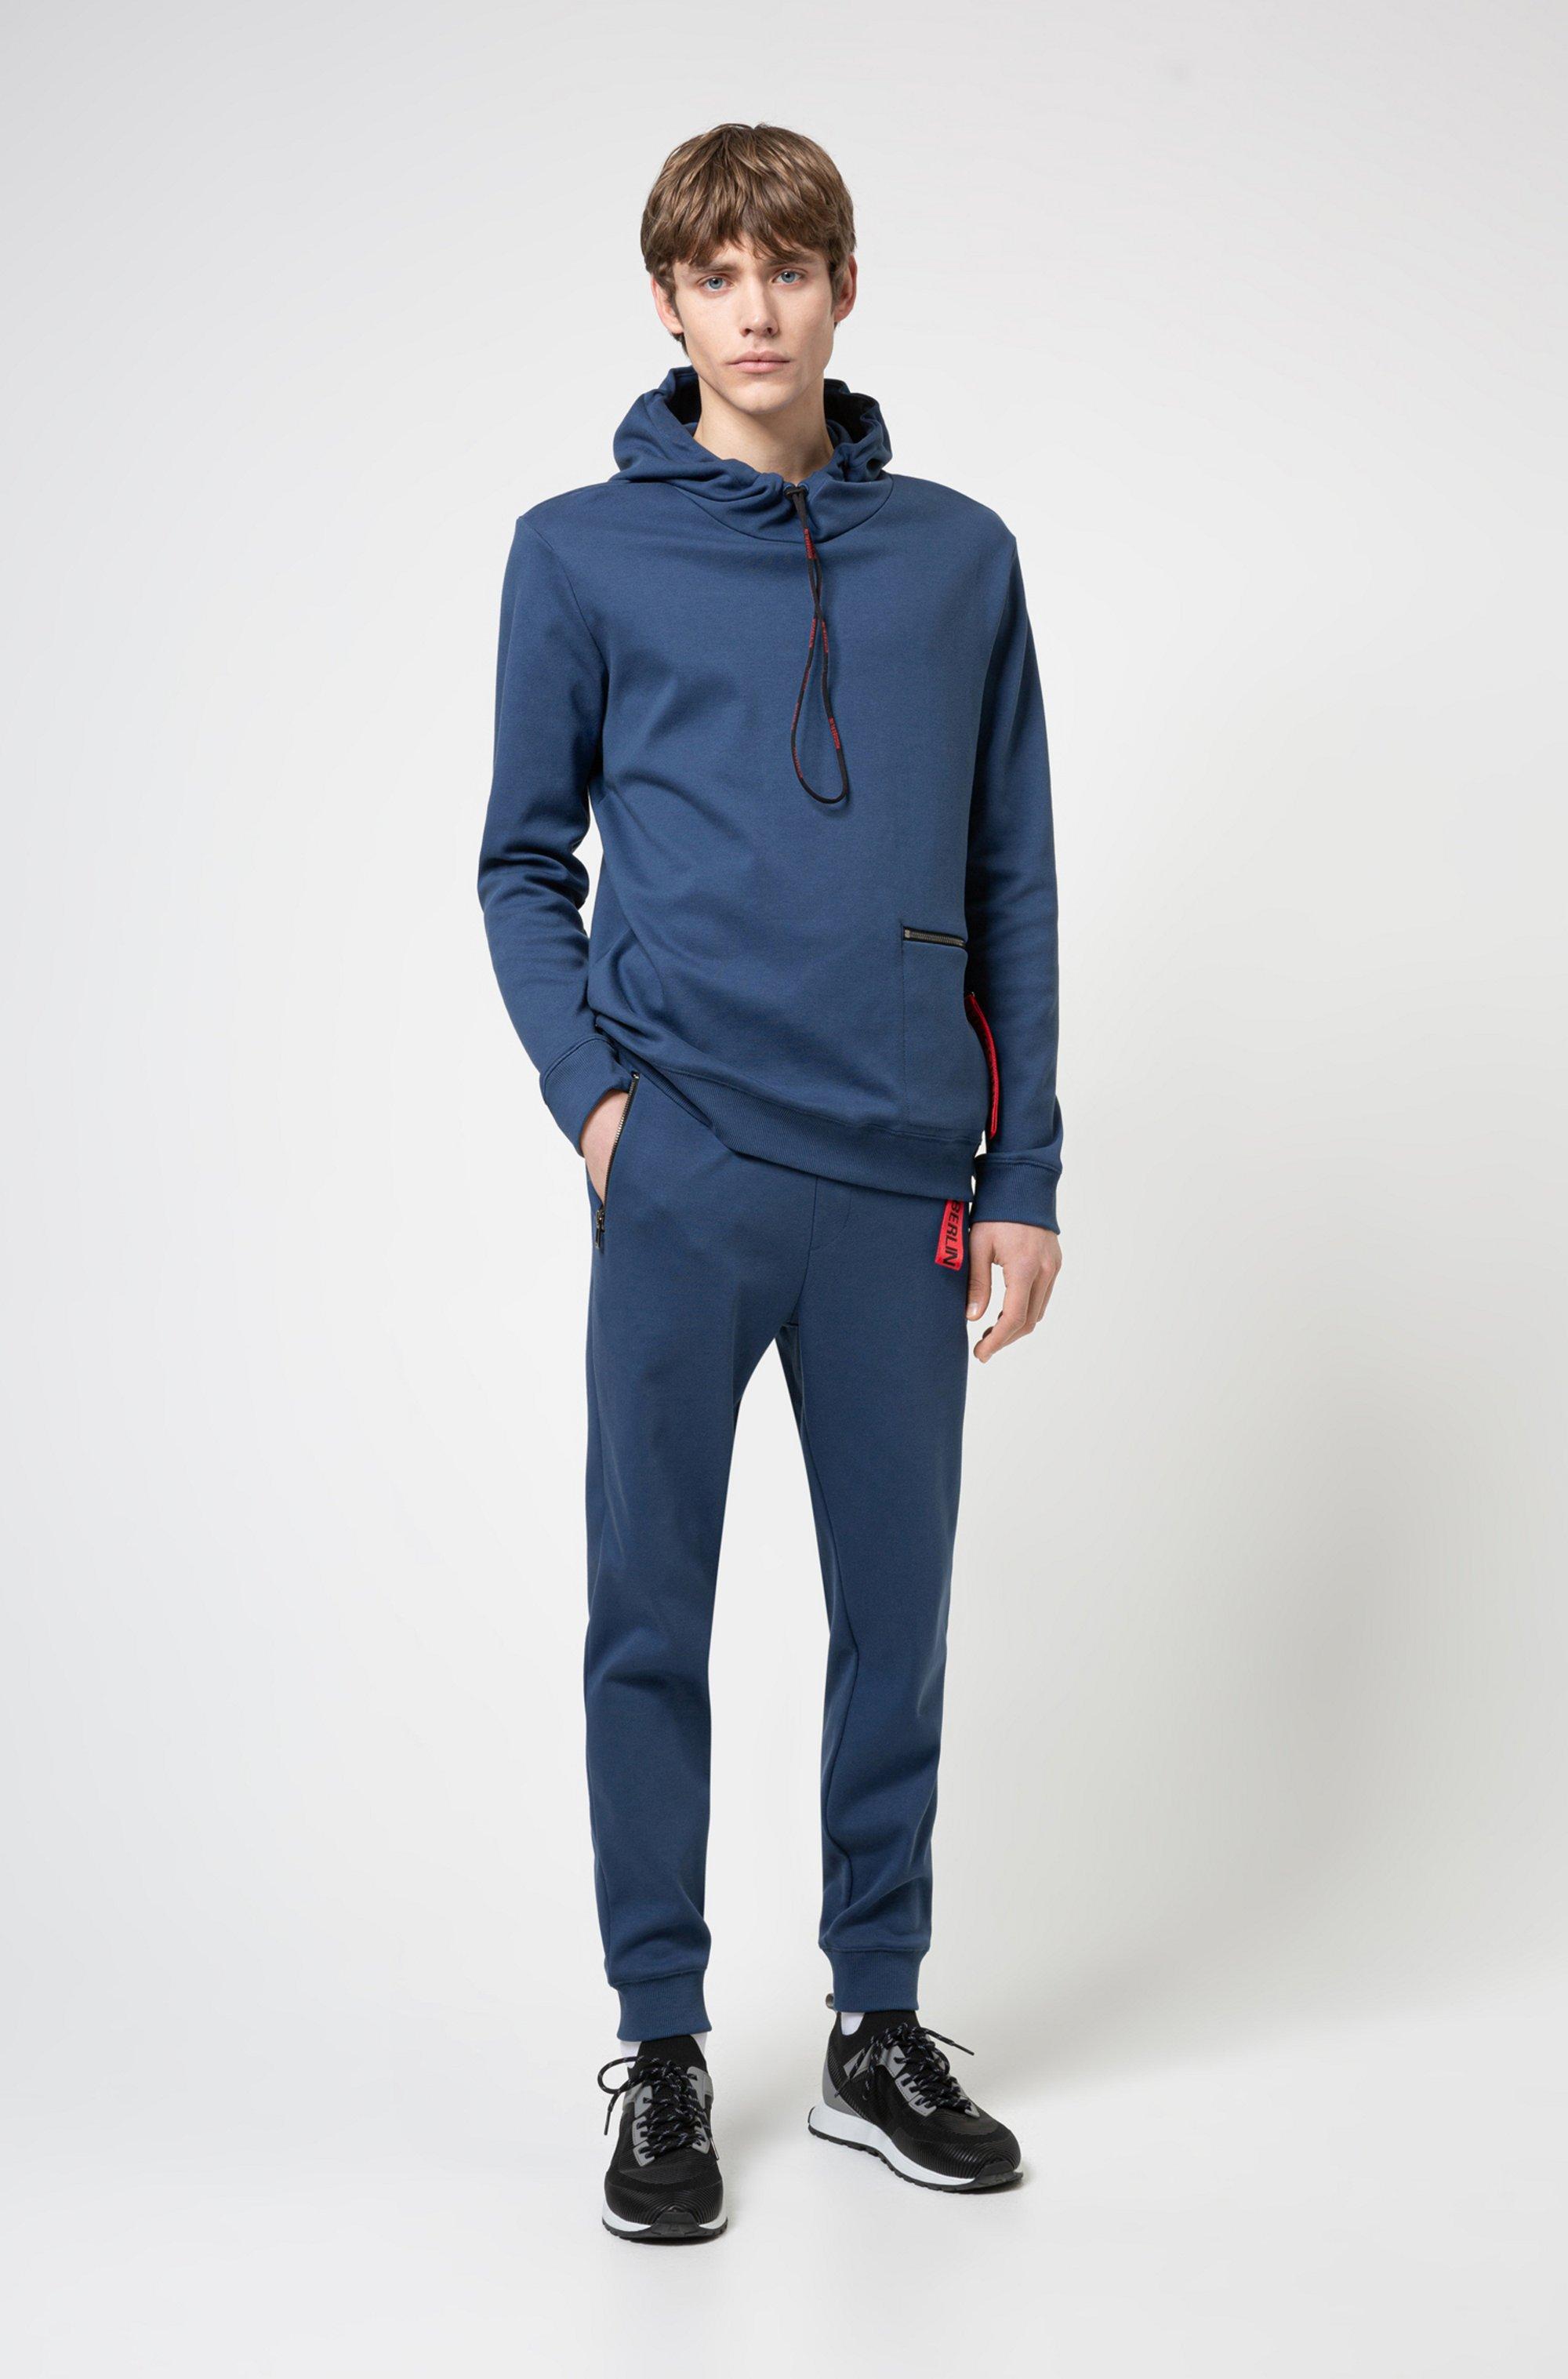 Kapuzen-Sweatshirt aus Interlock-Baumwolle mit Reißverschlusstasche